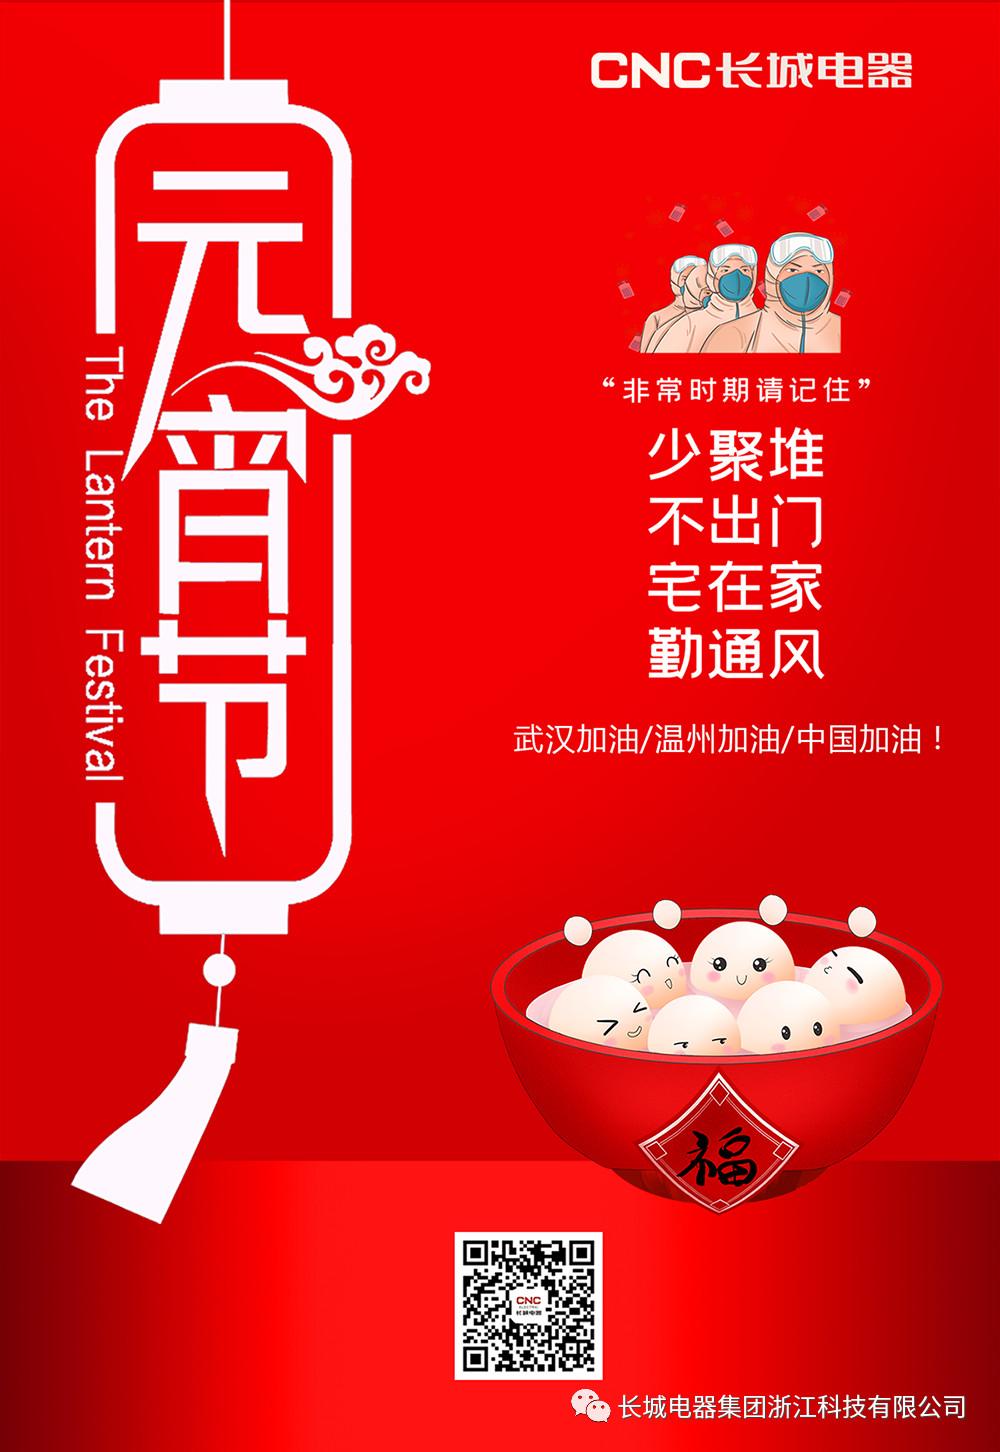 长城电器恭祝全国人民元宵佳节,幸福安康!